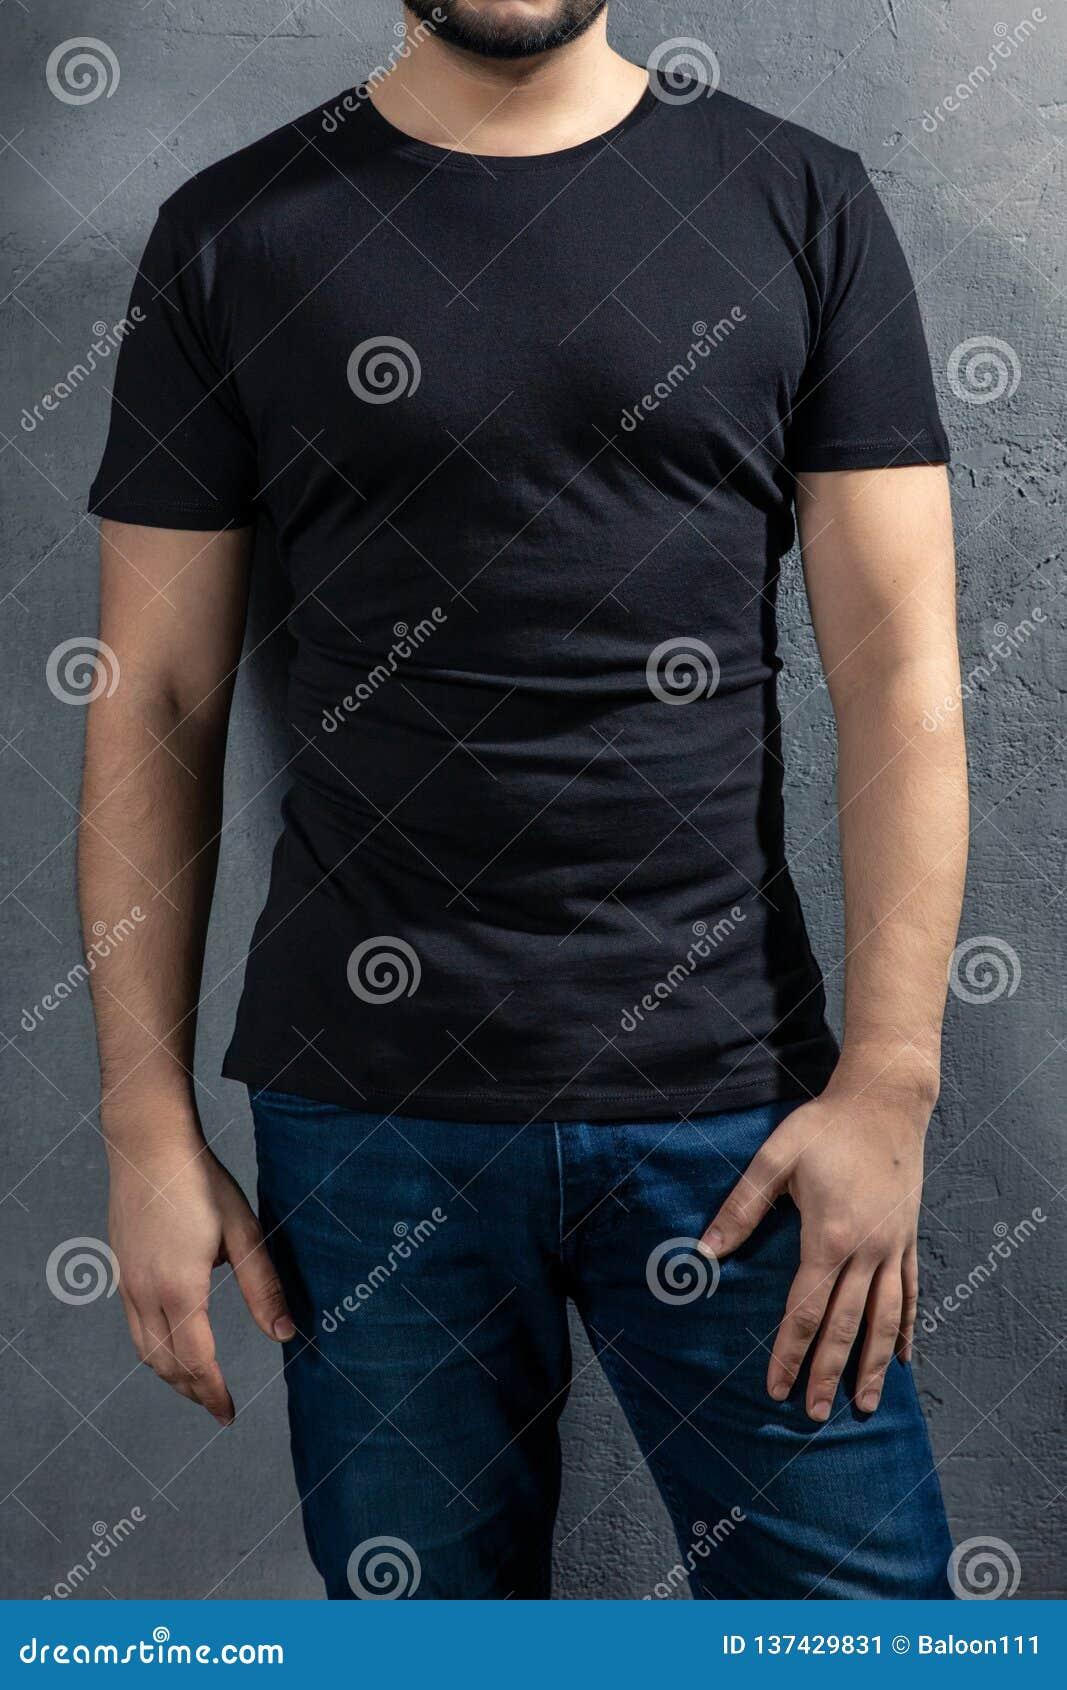 Junger gesunder Mann mit schwarzem T-Shirt auf konkretem Hintergrund